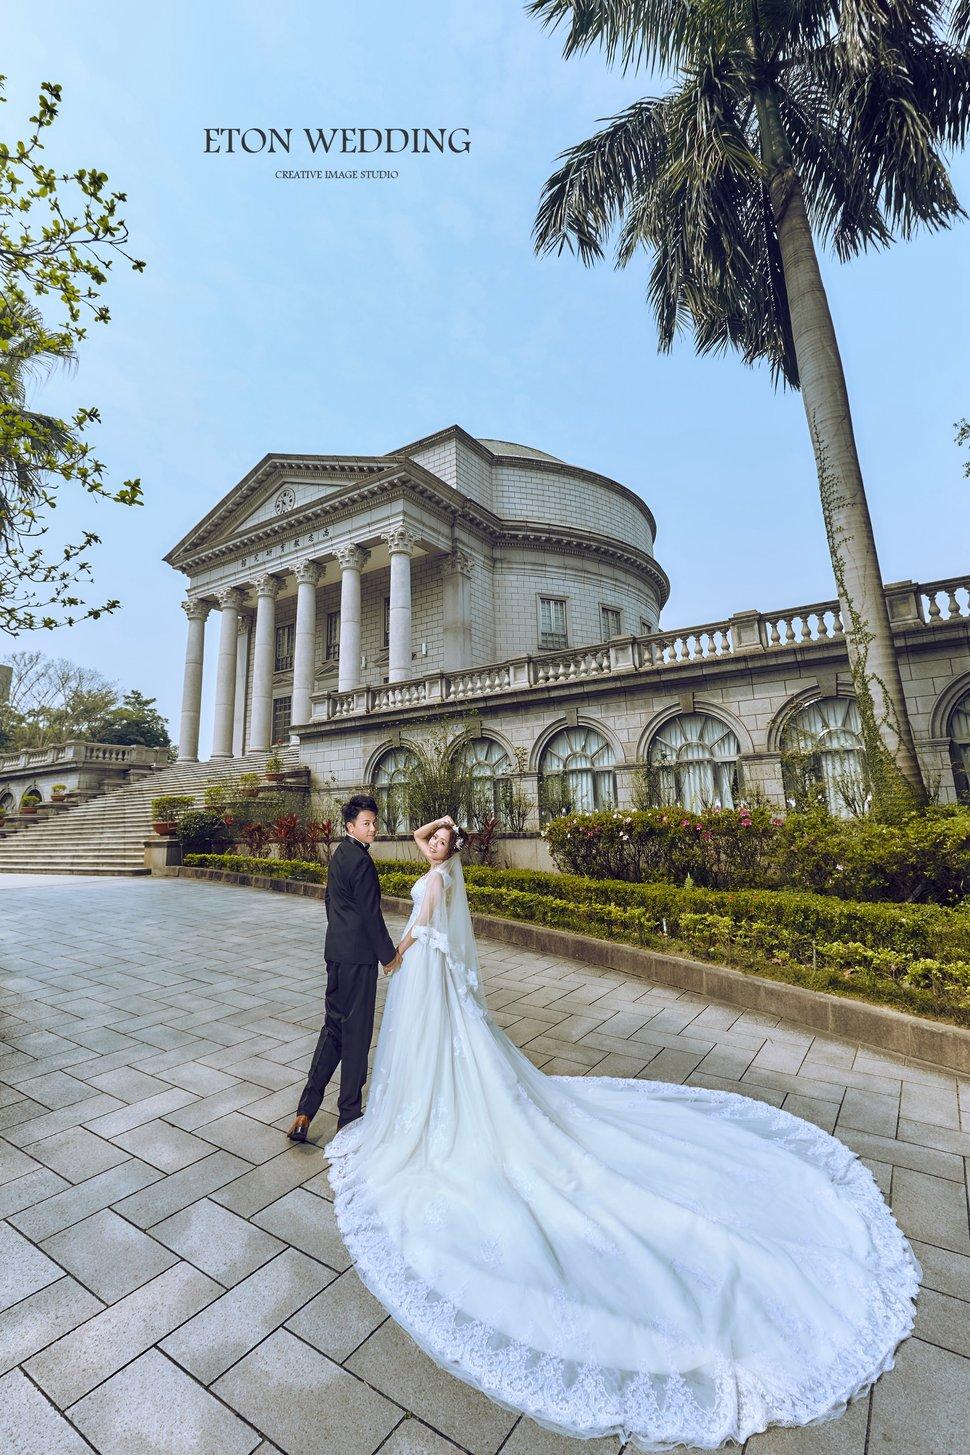 台北婚紗,伊頓自助婚紗 (1) - 伊頓自助婚紗 ▌台北高雄板橋桃園新竹台南《結婚吧》